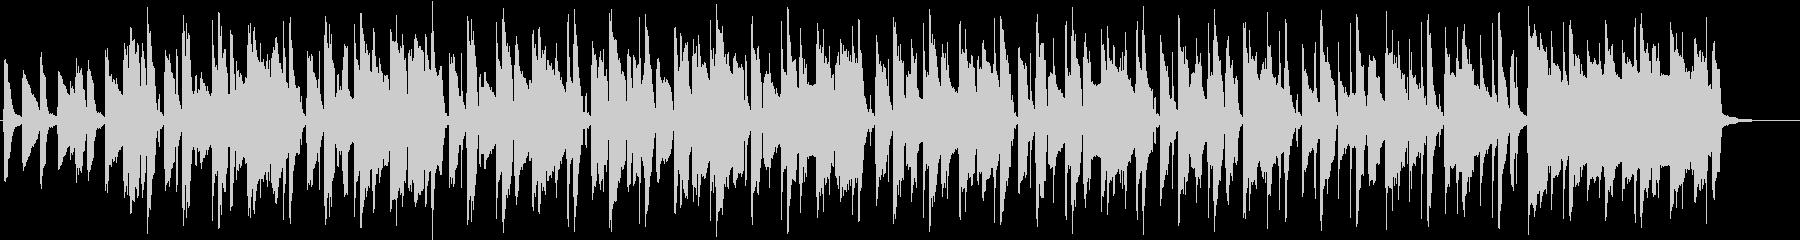 優雅なリコーダーがメインの曲の未再生の波形